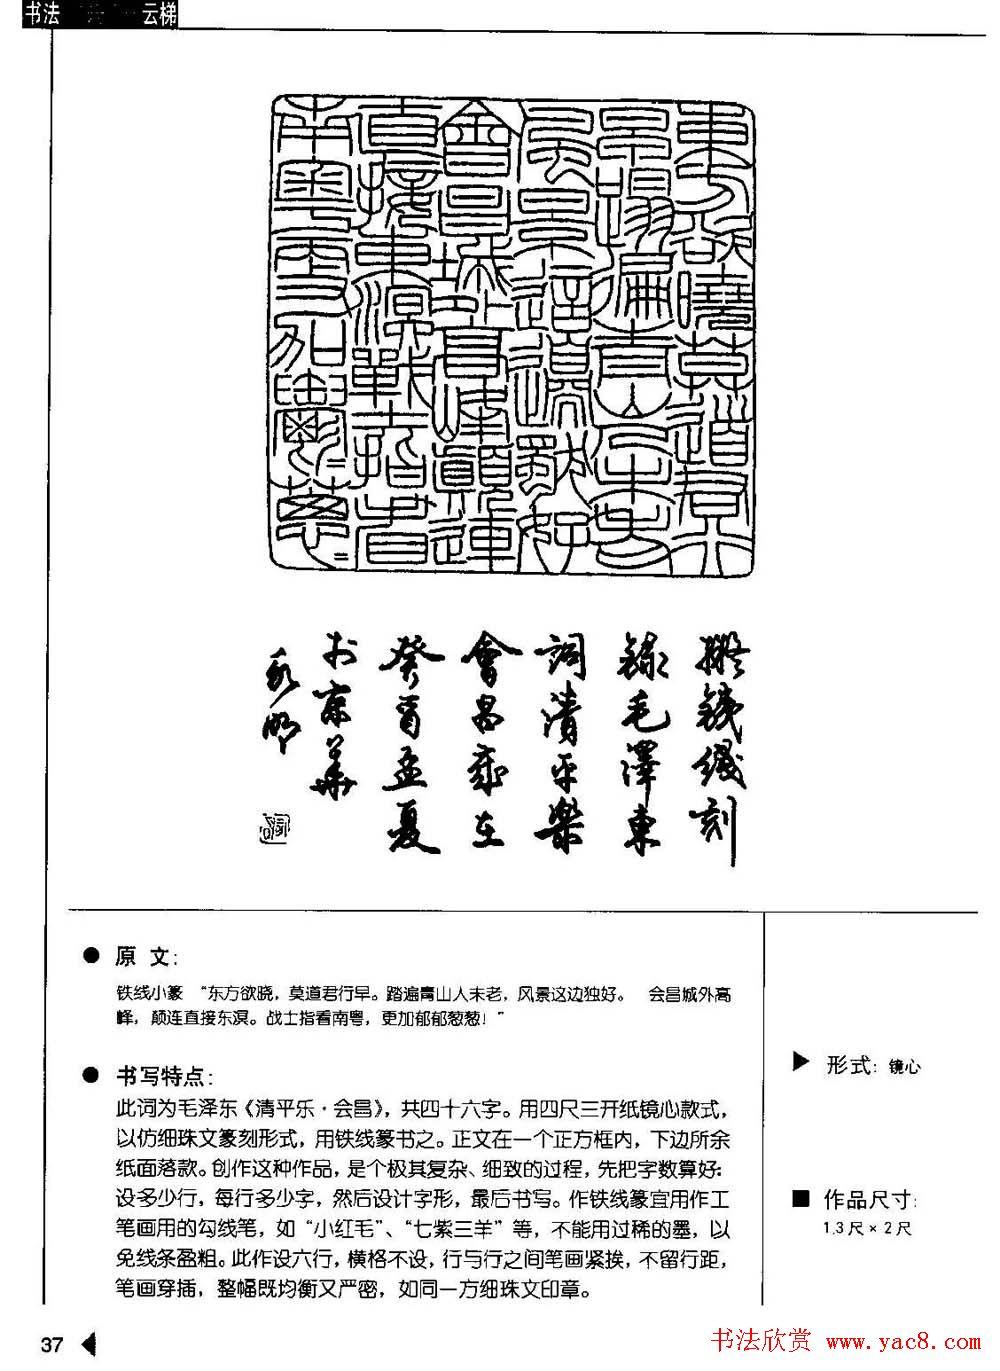 张永明篆书字帖 篆书诗词50例 第39页 篆书字帖 书法欣赏